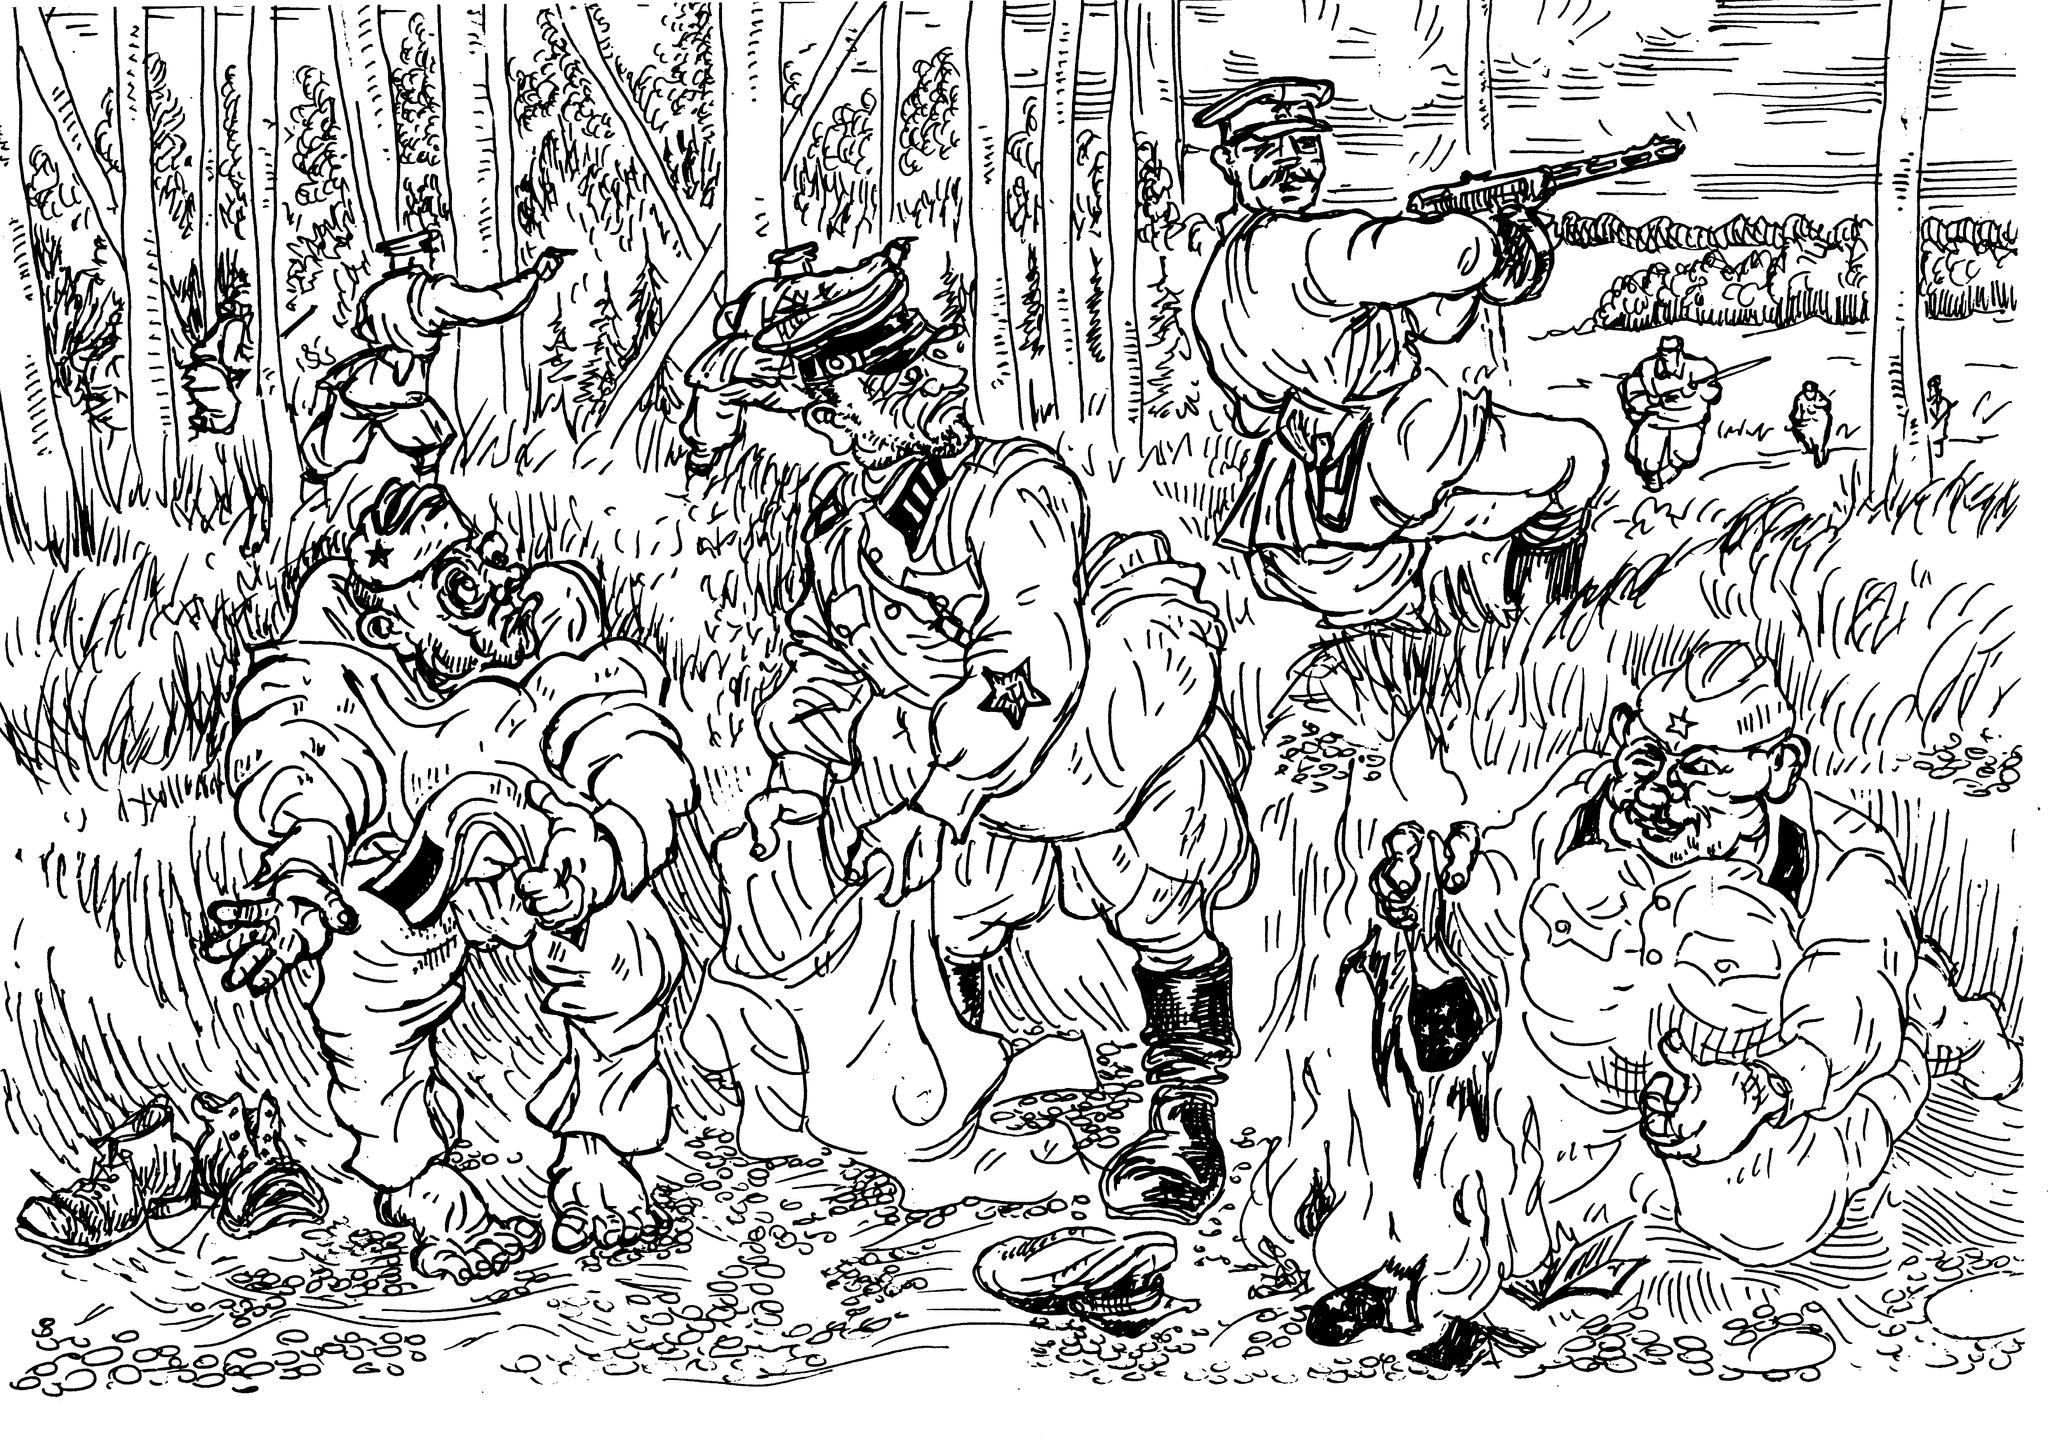 Великая Отечественная война. Хоть бы какая власть — лишь бы питья всласть